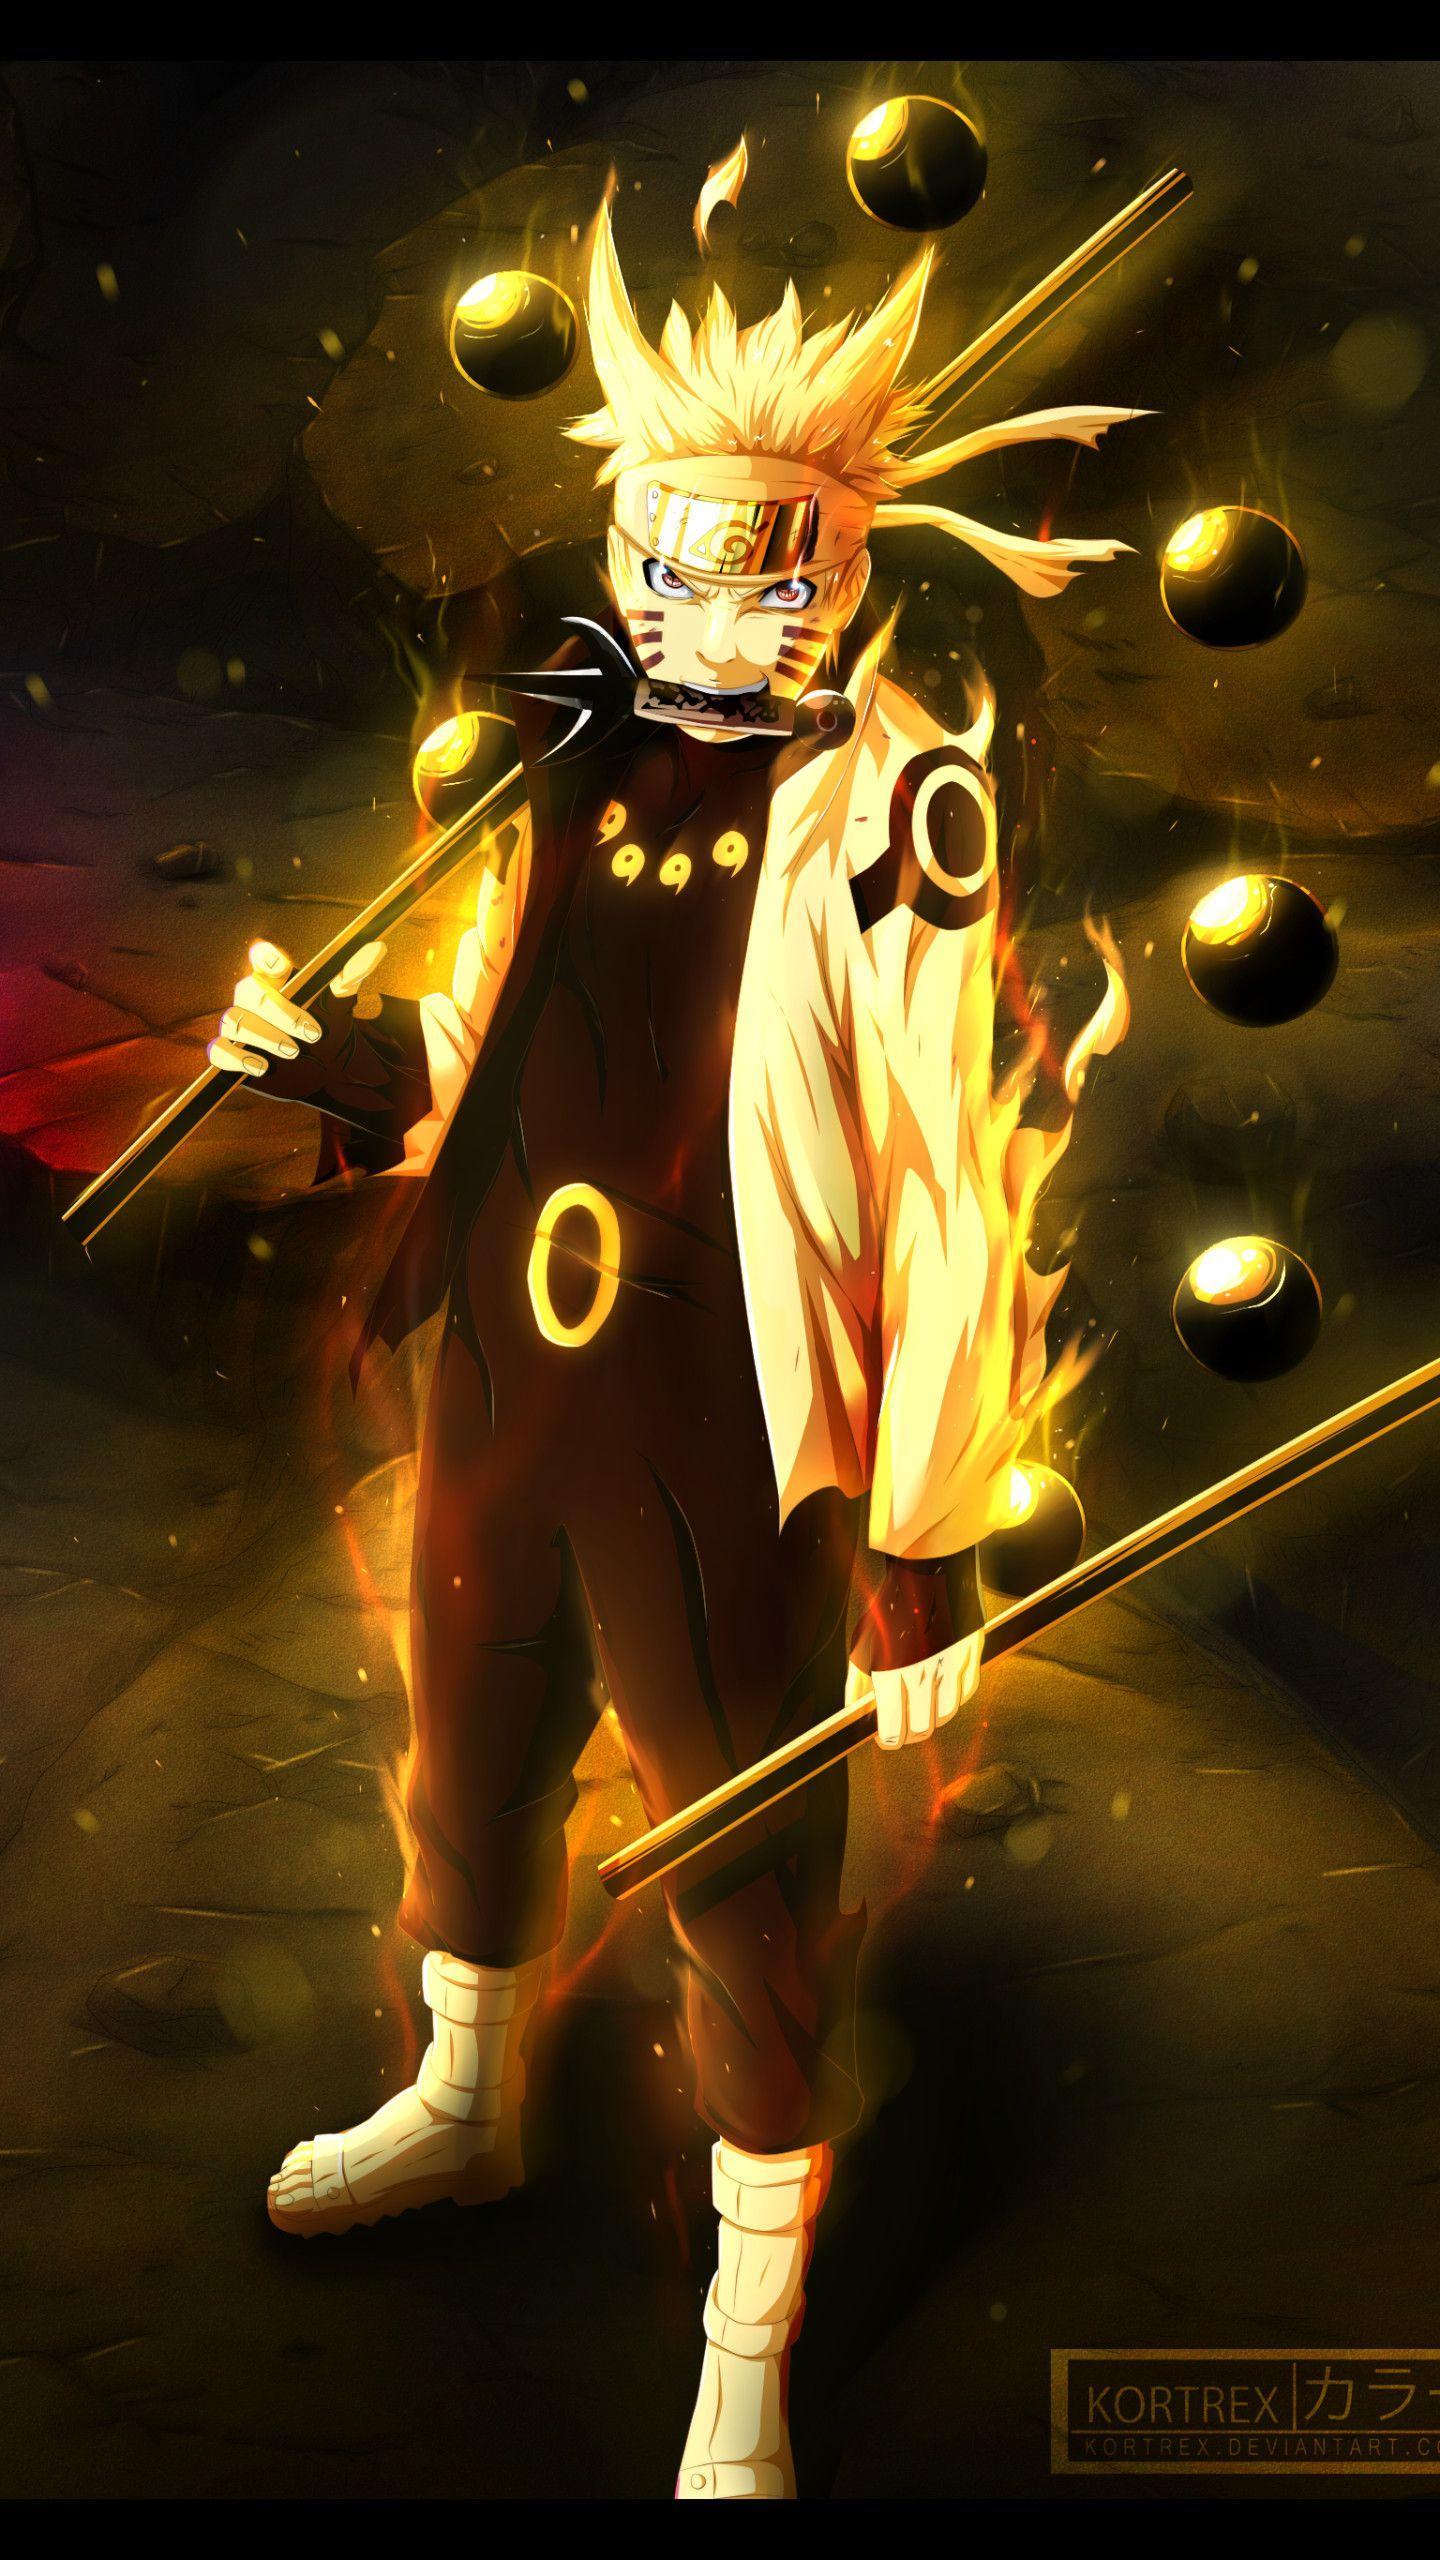 Naruto Bijuu Mode Wallpapers Top Free Naruto Bijuu Mode